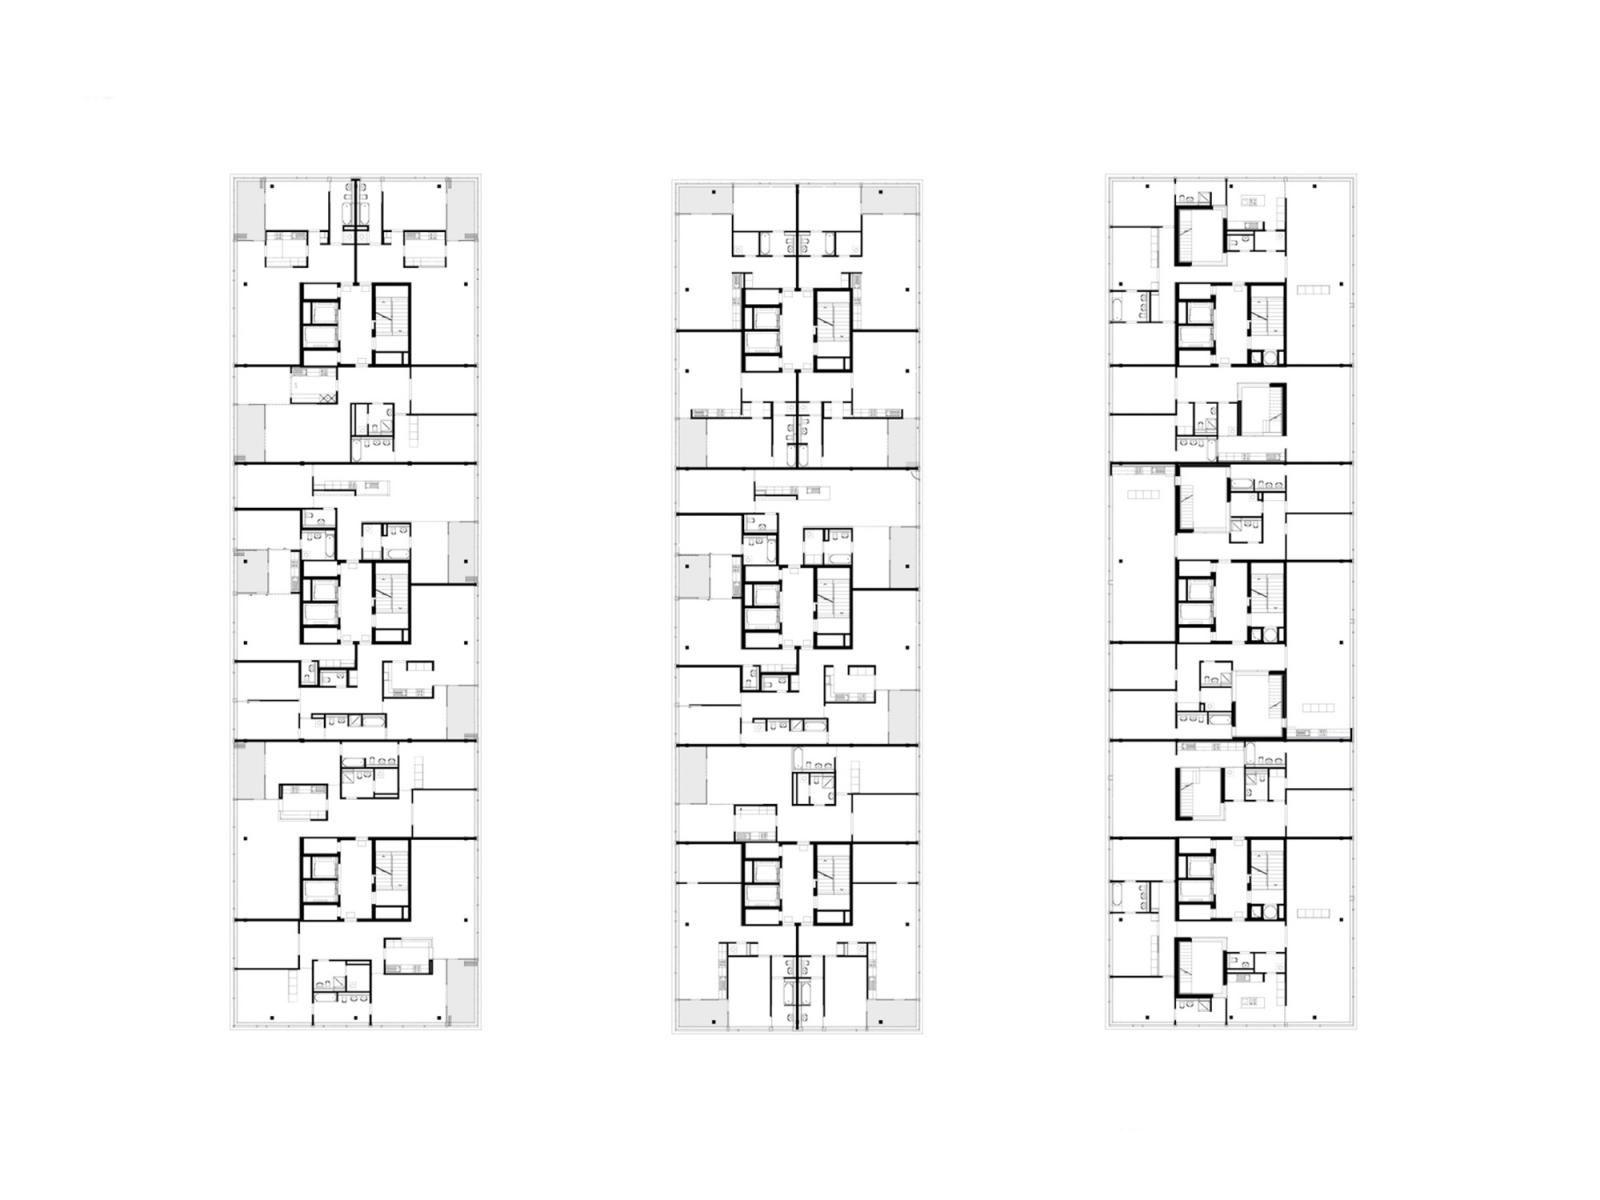 Wohnung zurich gmur geschwenter wohngrundrisse hochhaus grundriss wohnung und berbauung - Gmur architekten ...